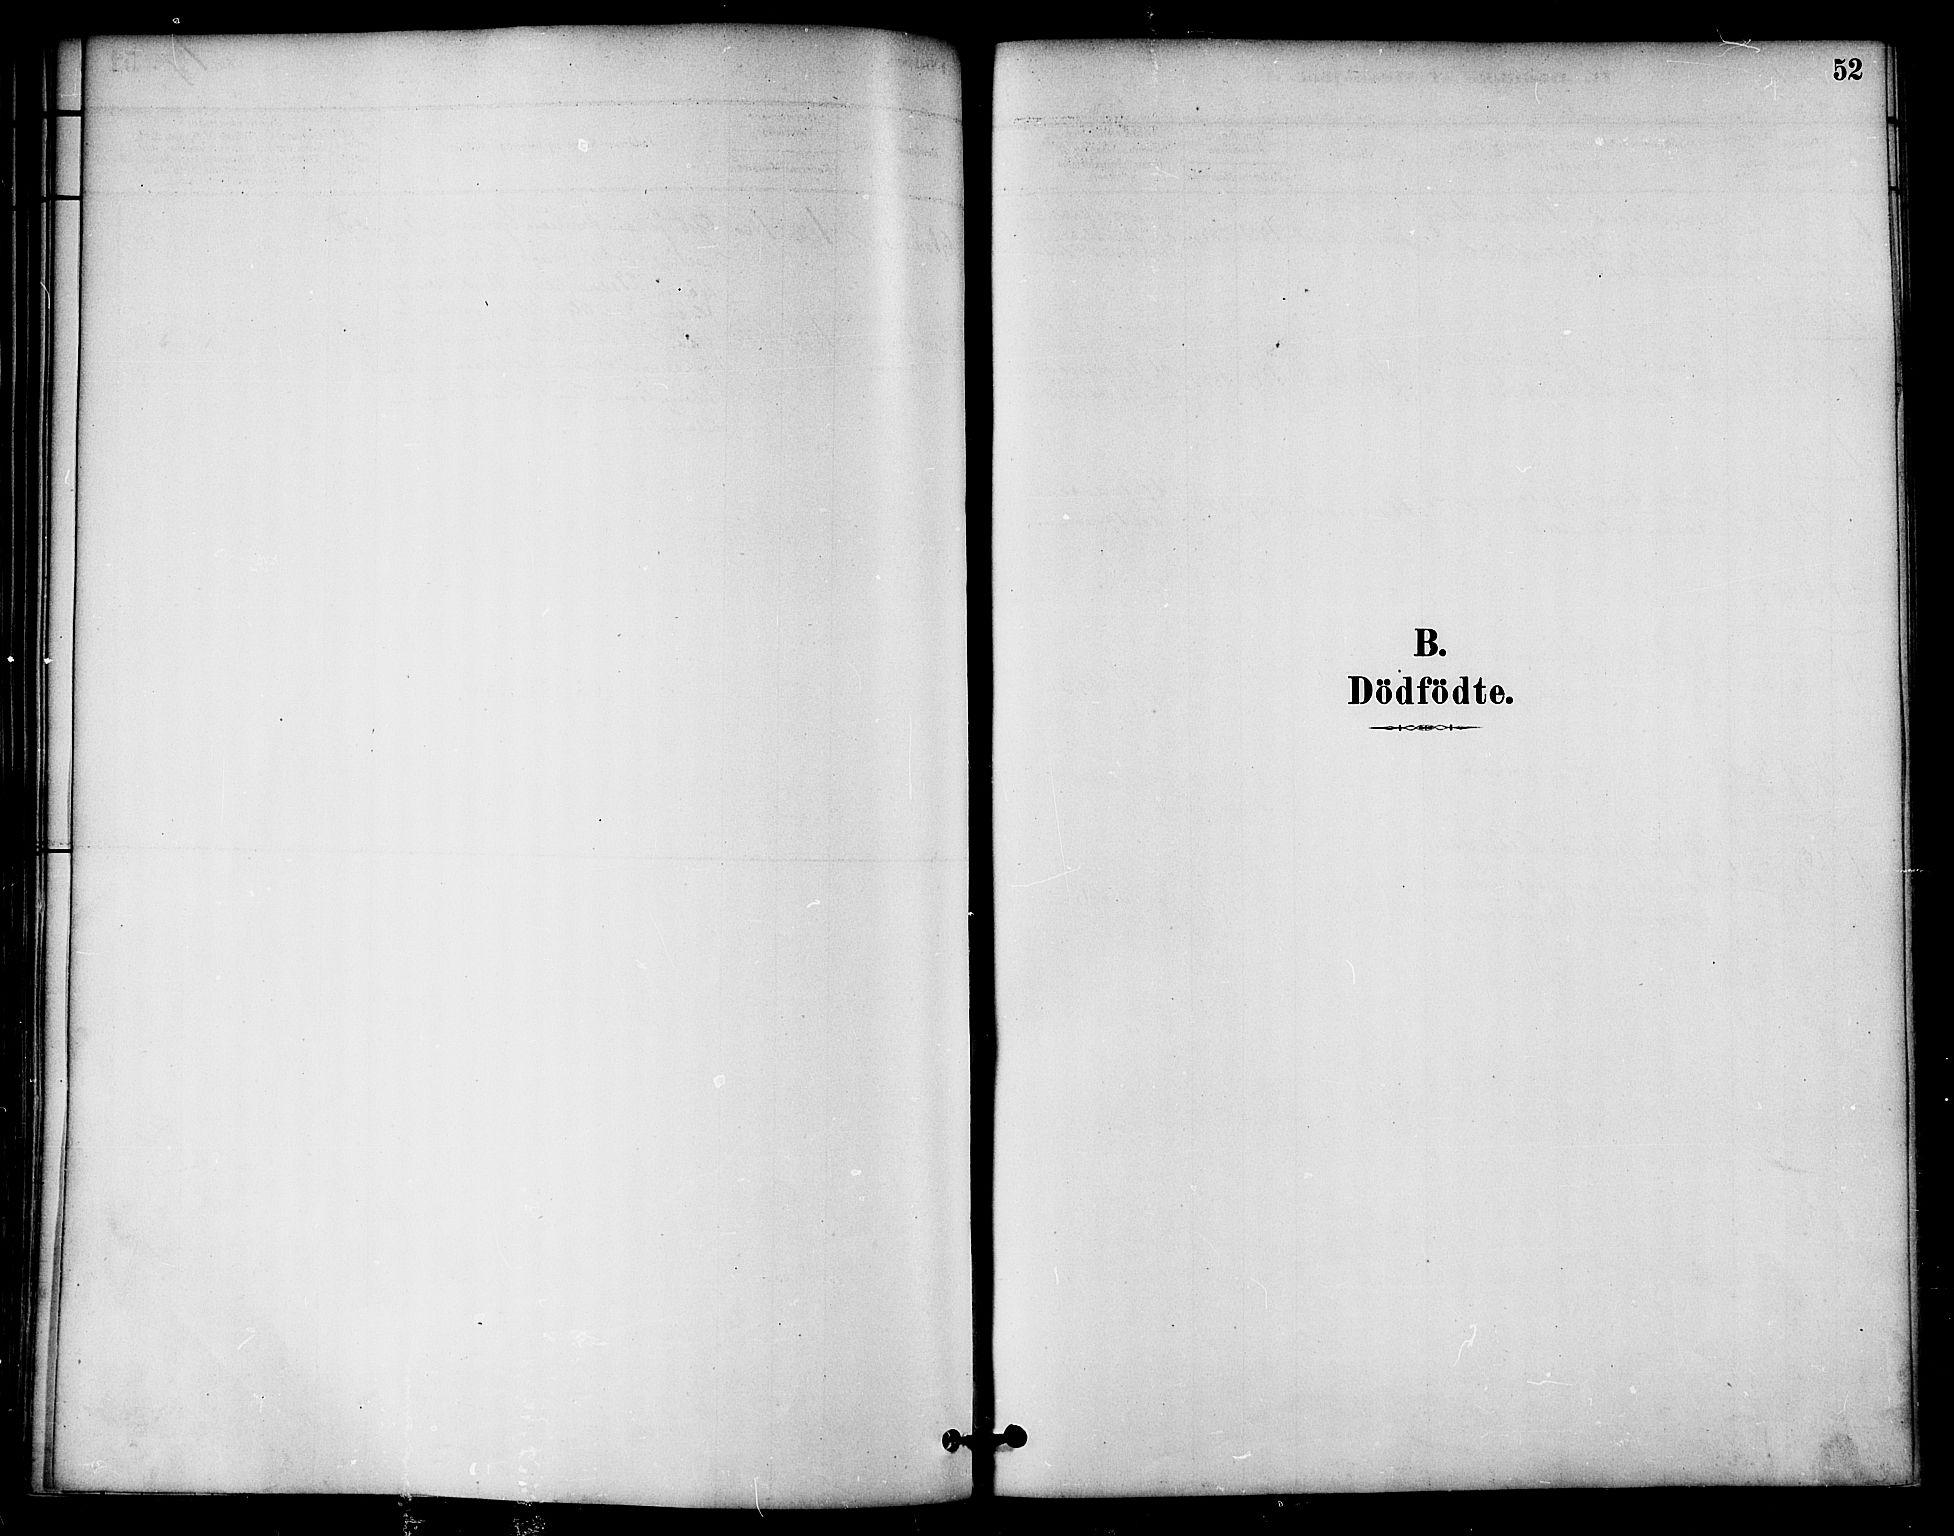 SAT, Ministerialprotokoller, klokkerbøker og fødselsregistre - Nord-Trøndelag, 764/L0555: Ministerialbok nr. 764A10, 1881-1896, s. 52